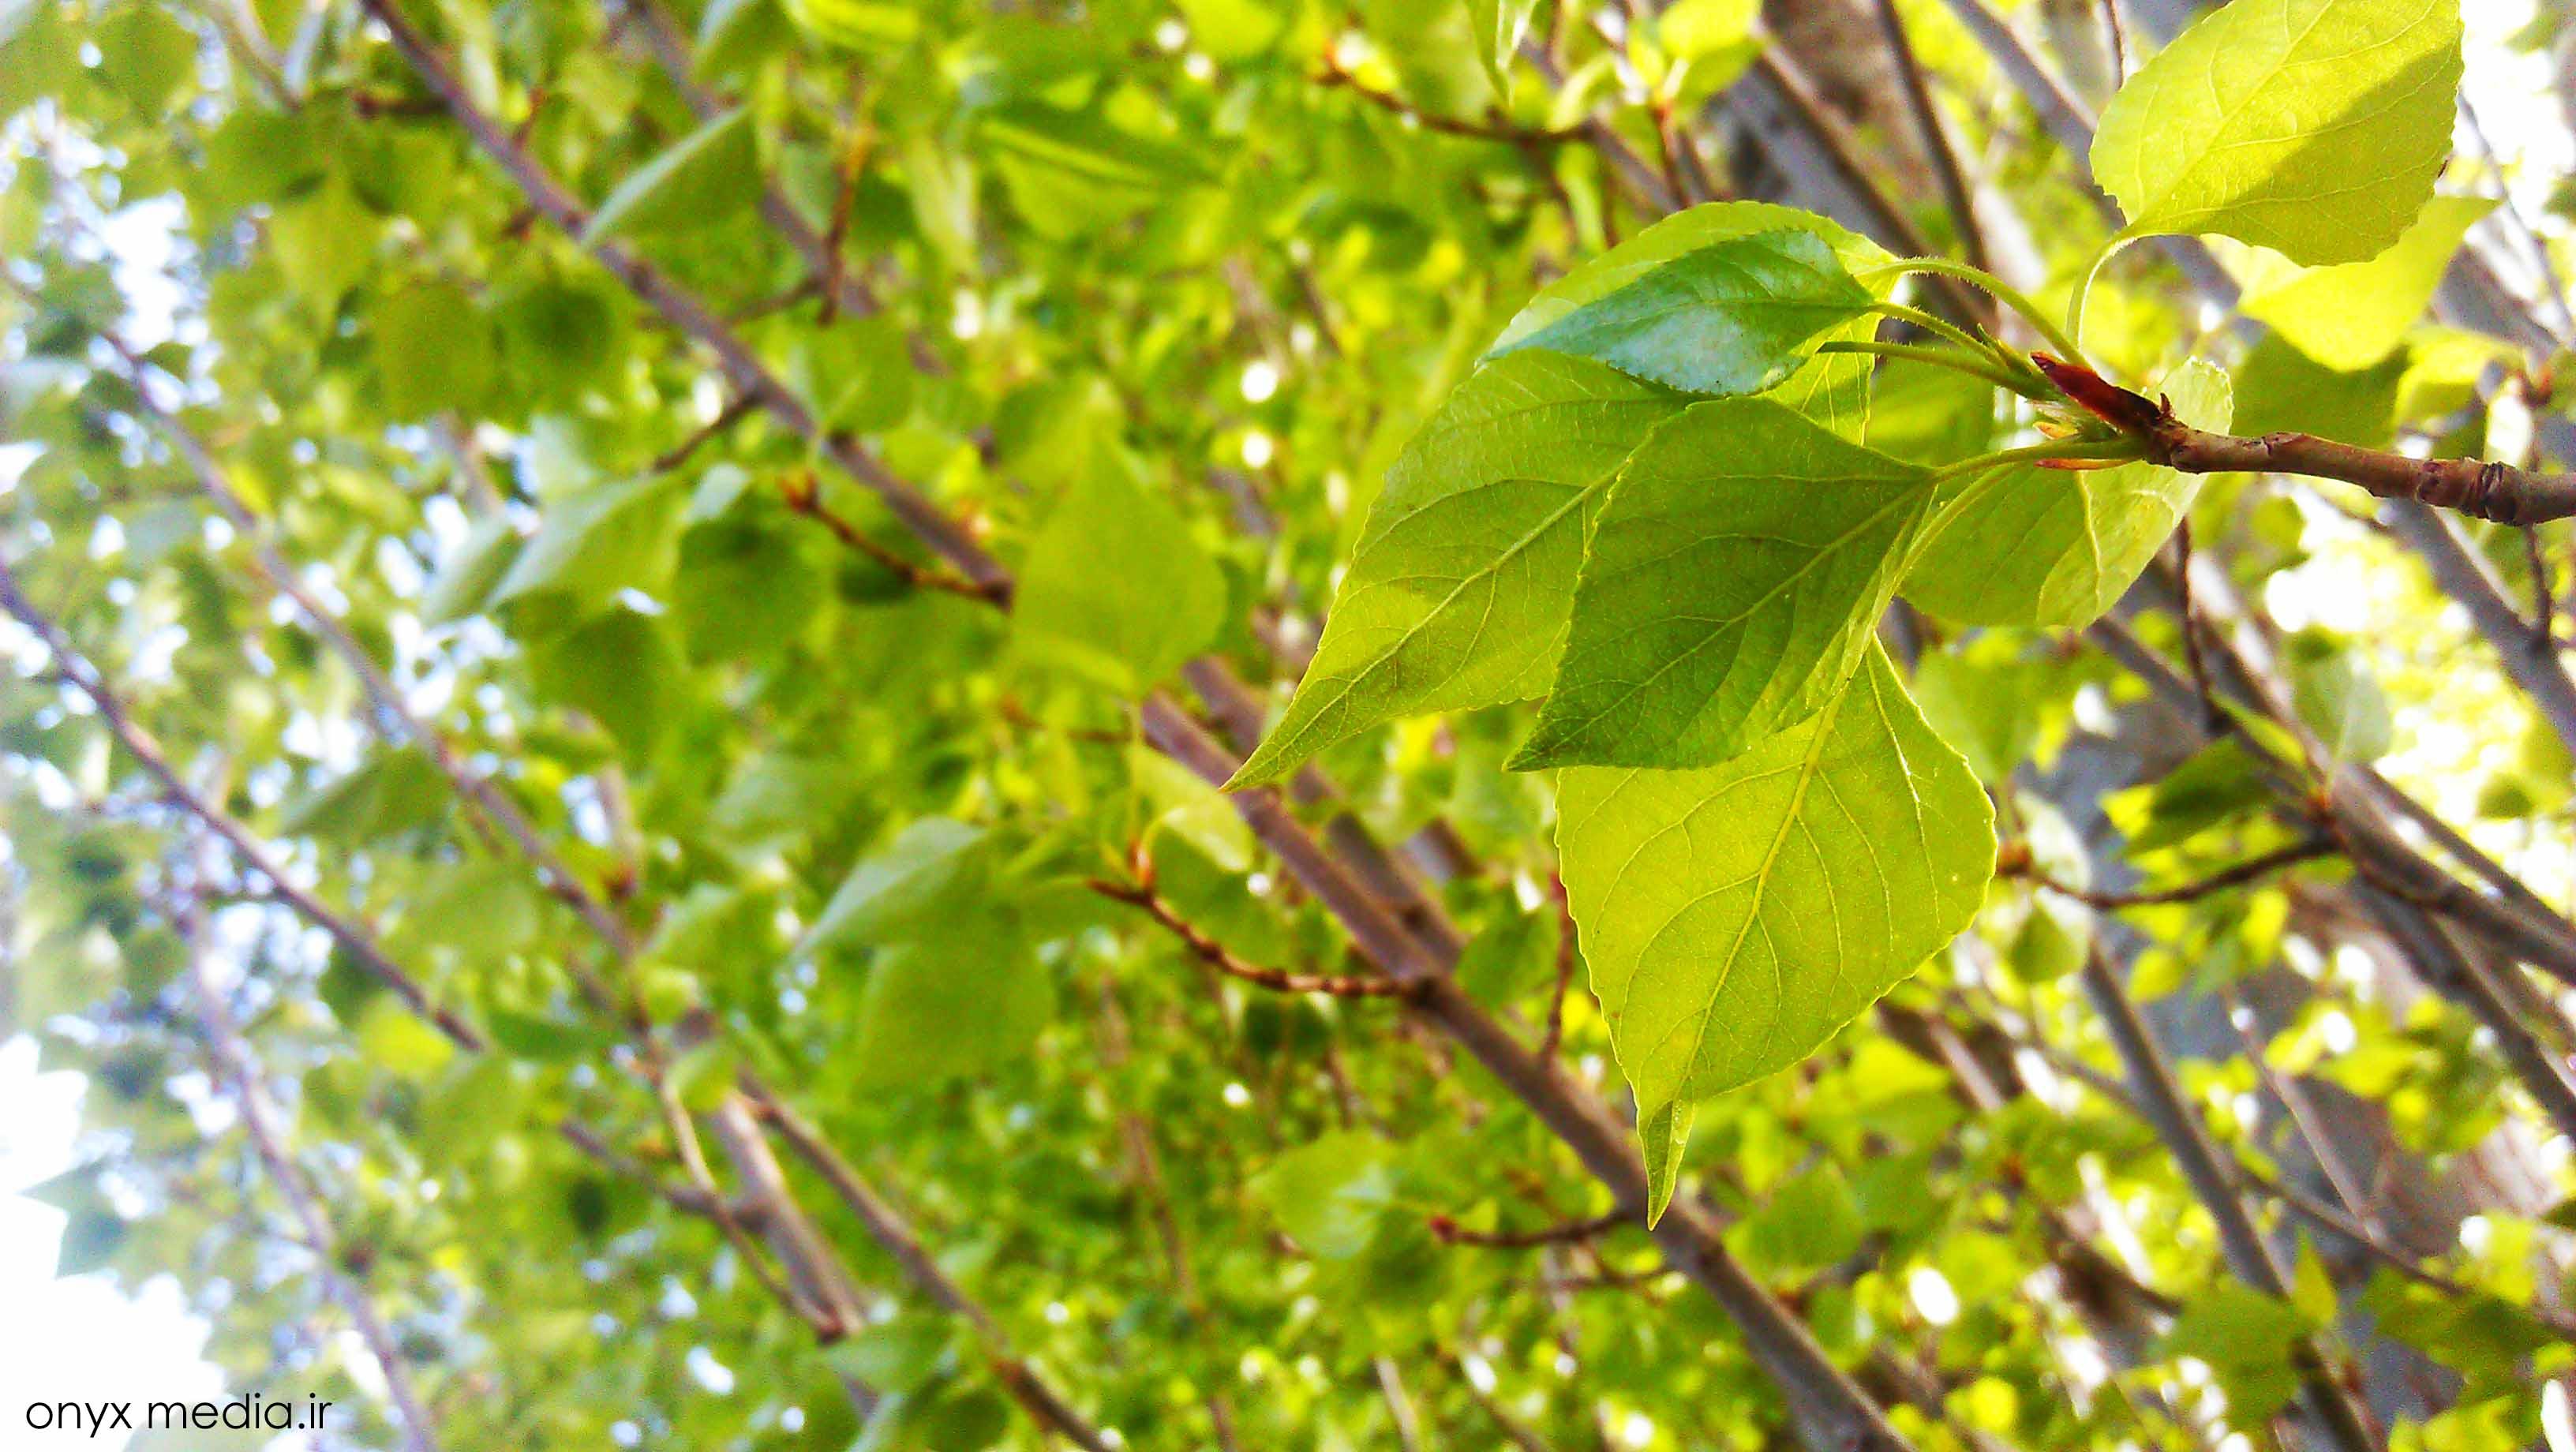 عكس با کیفیت از برگ درختان